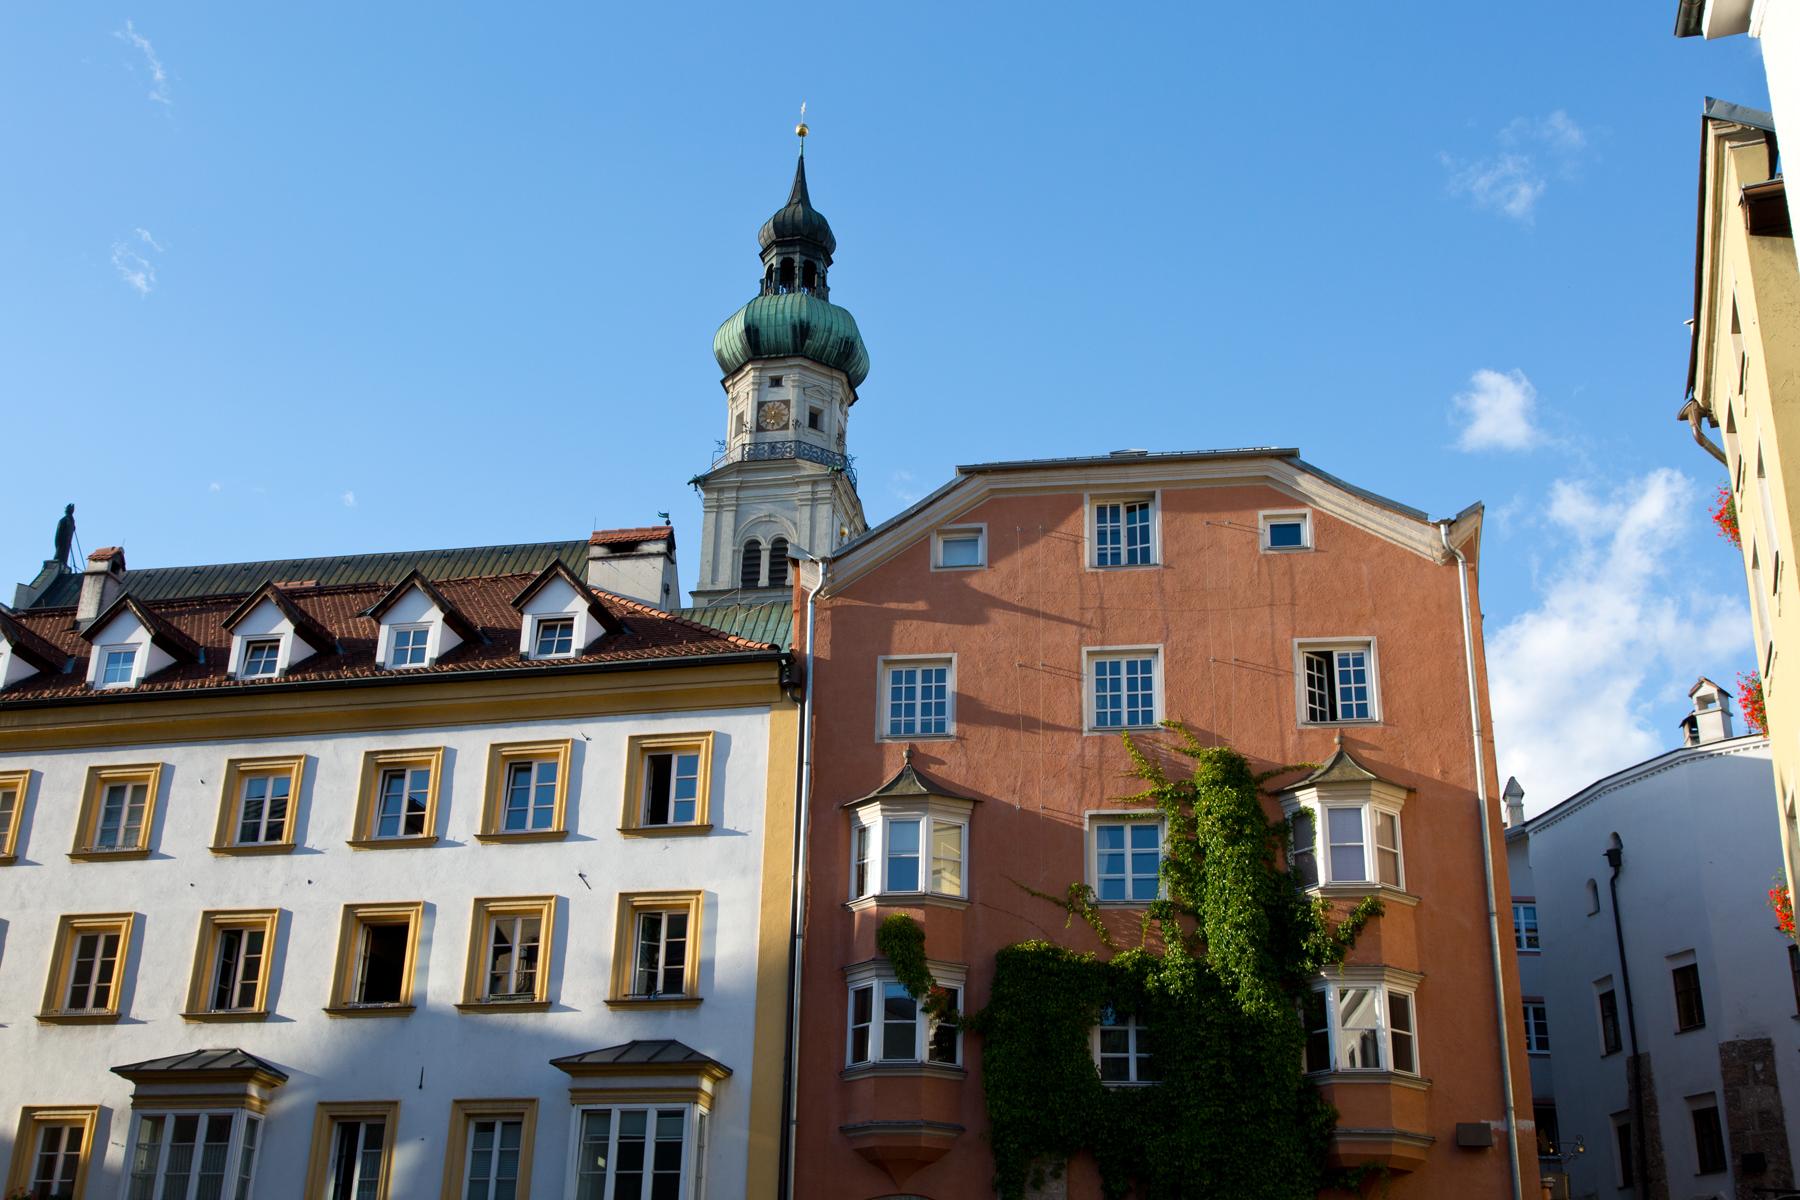 Bürgerhäuser mit Stadtpfarrkirche - Hall in Tirol